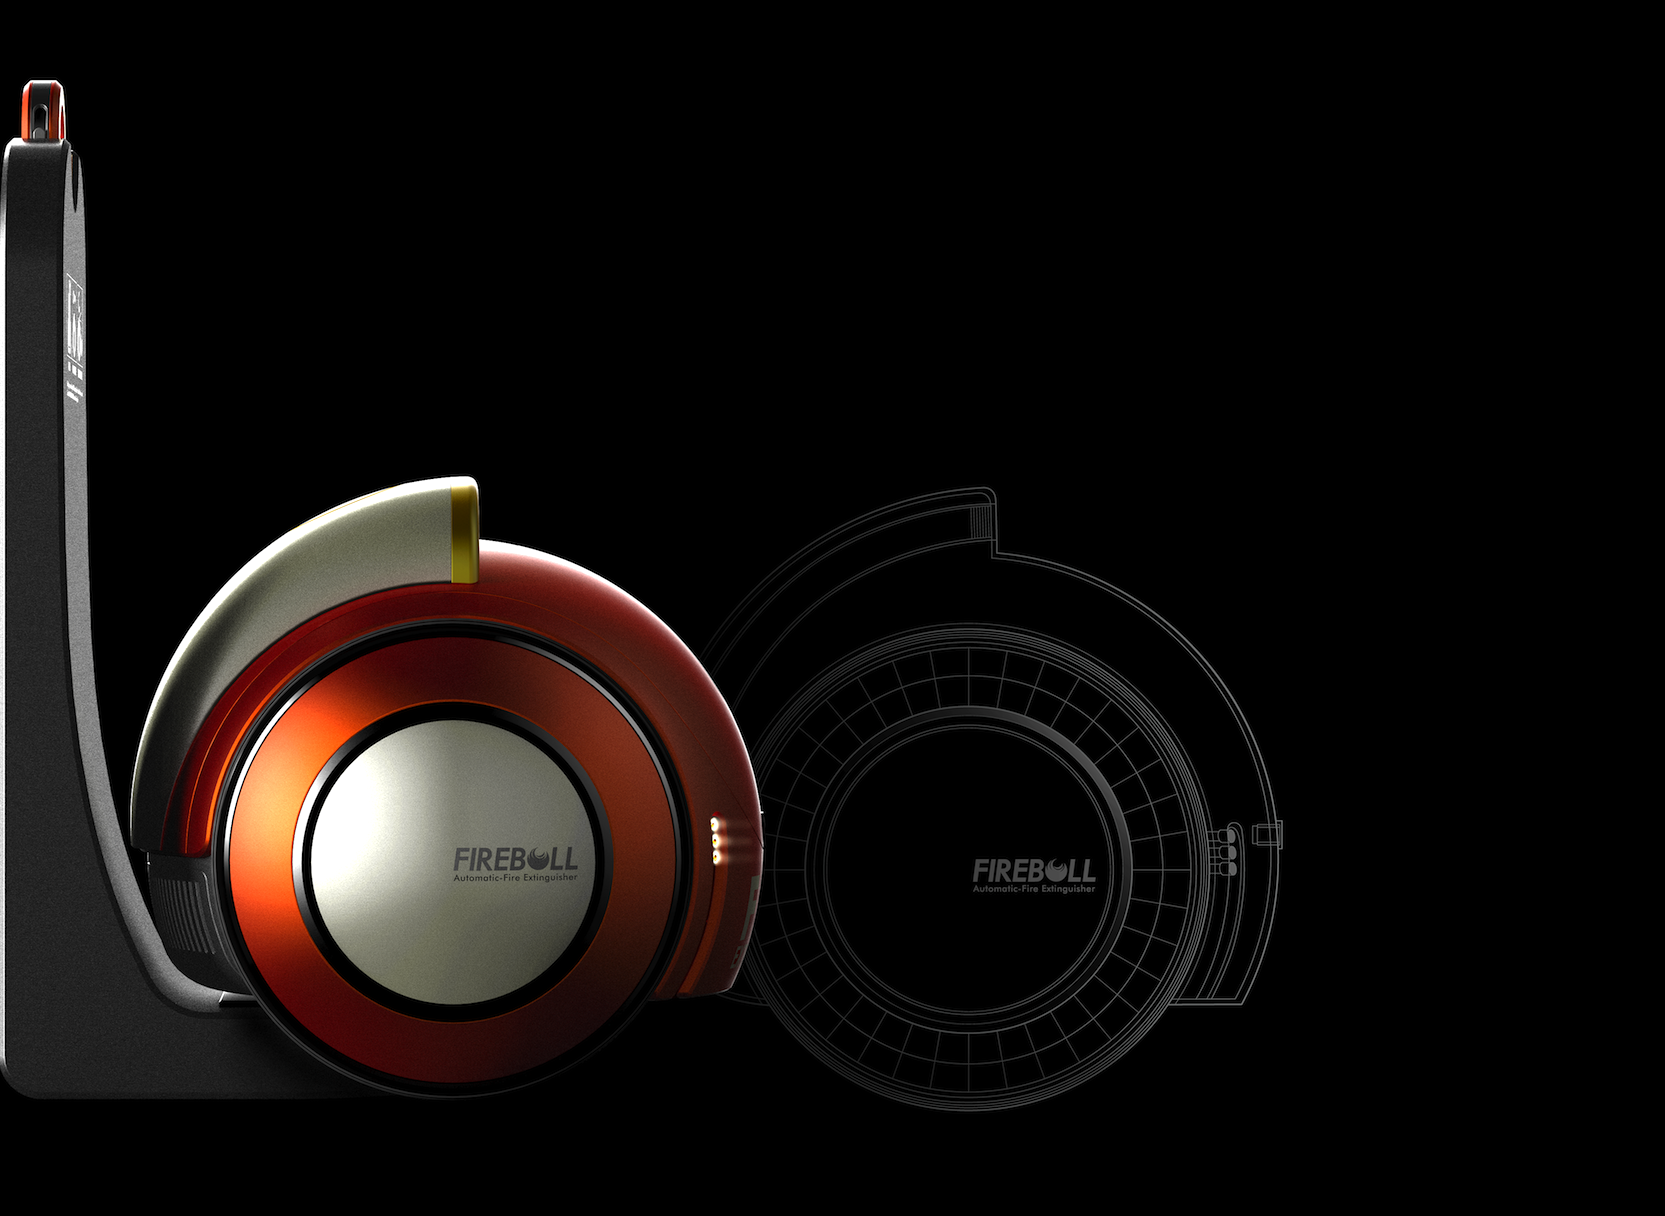 Das ist kein Staubsauger, sondern ein automatischer Feuerlöscher, den ebenfalls der koreanische DesignerJaeYoung Kim entwickelt hat.